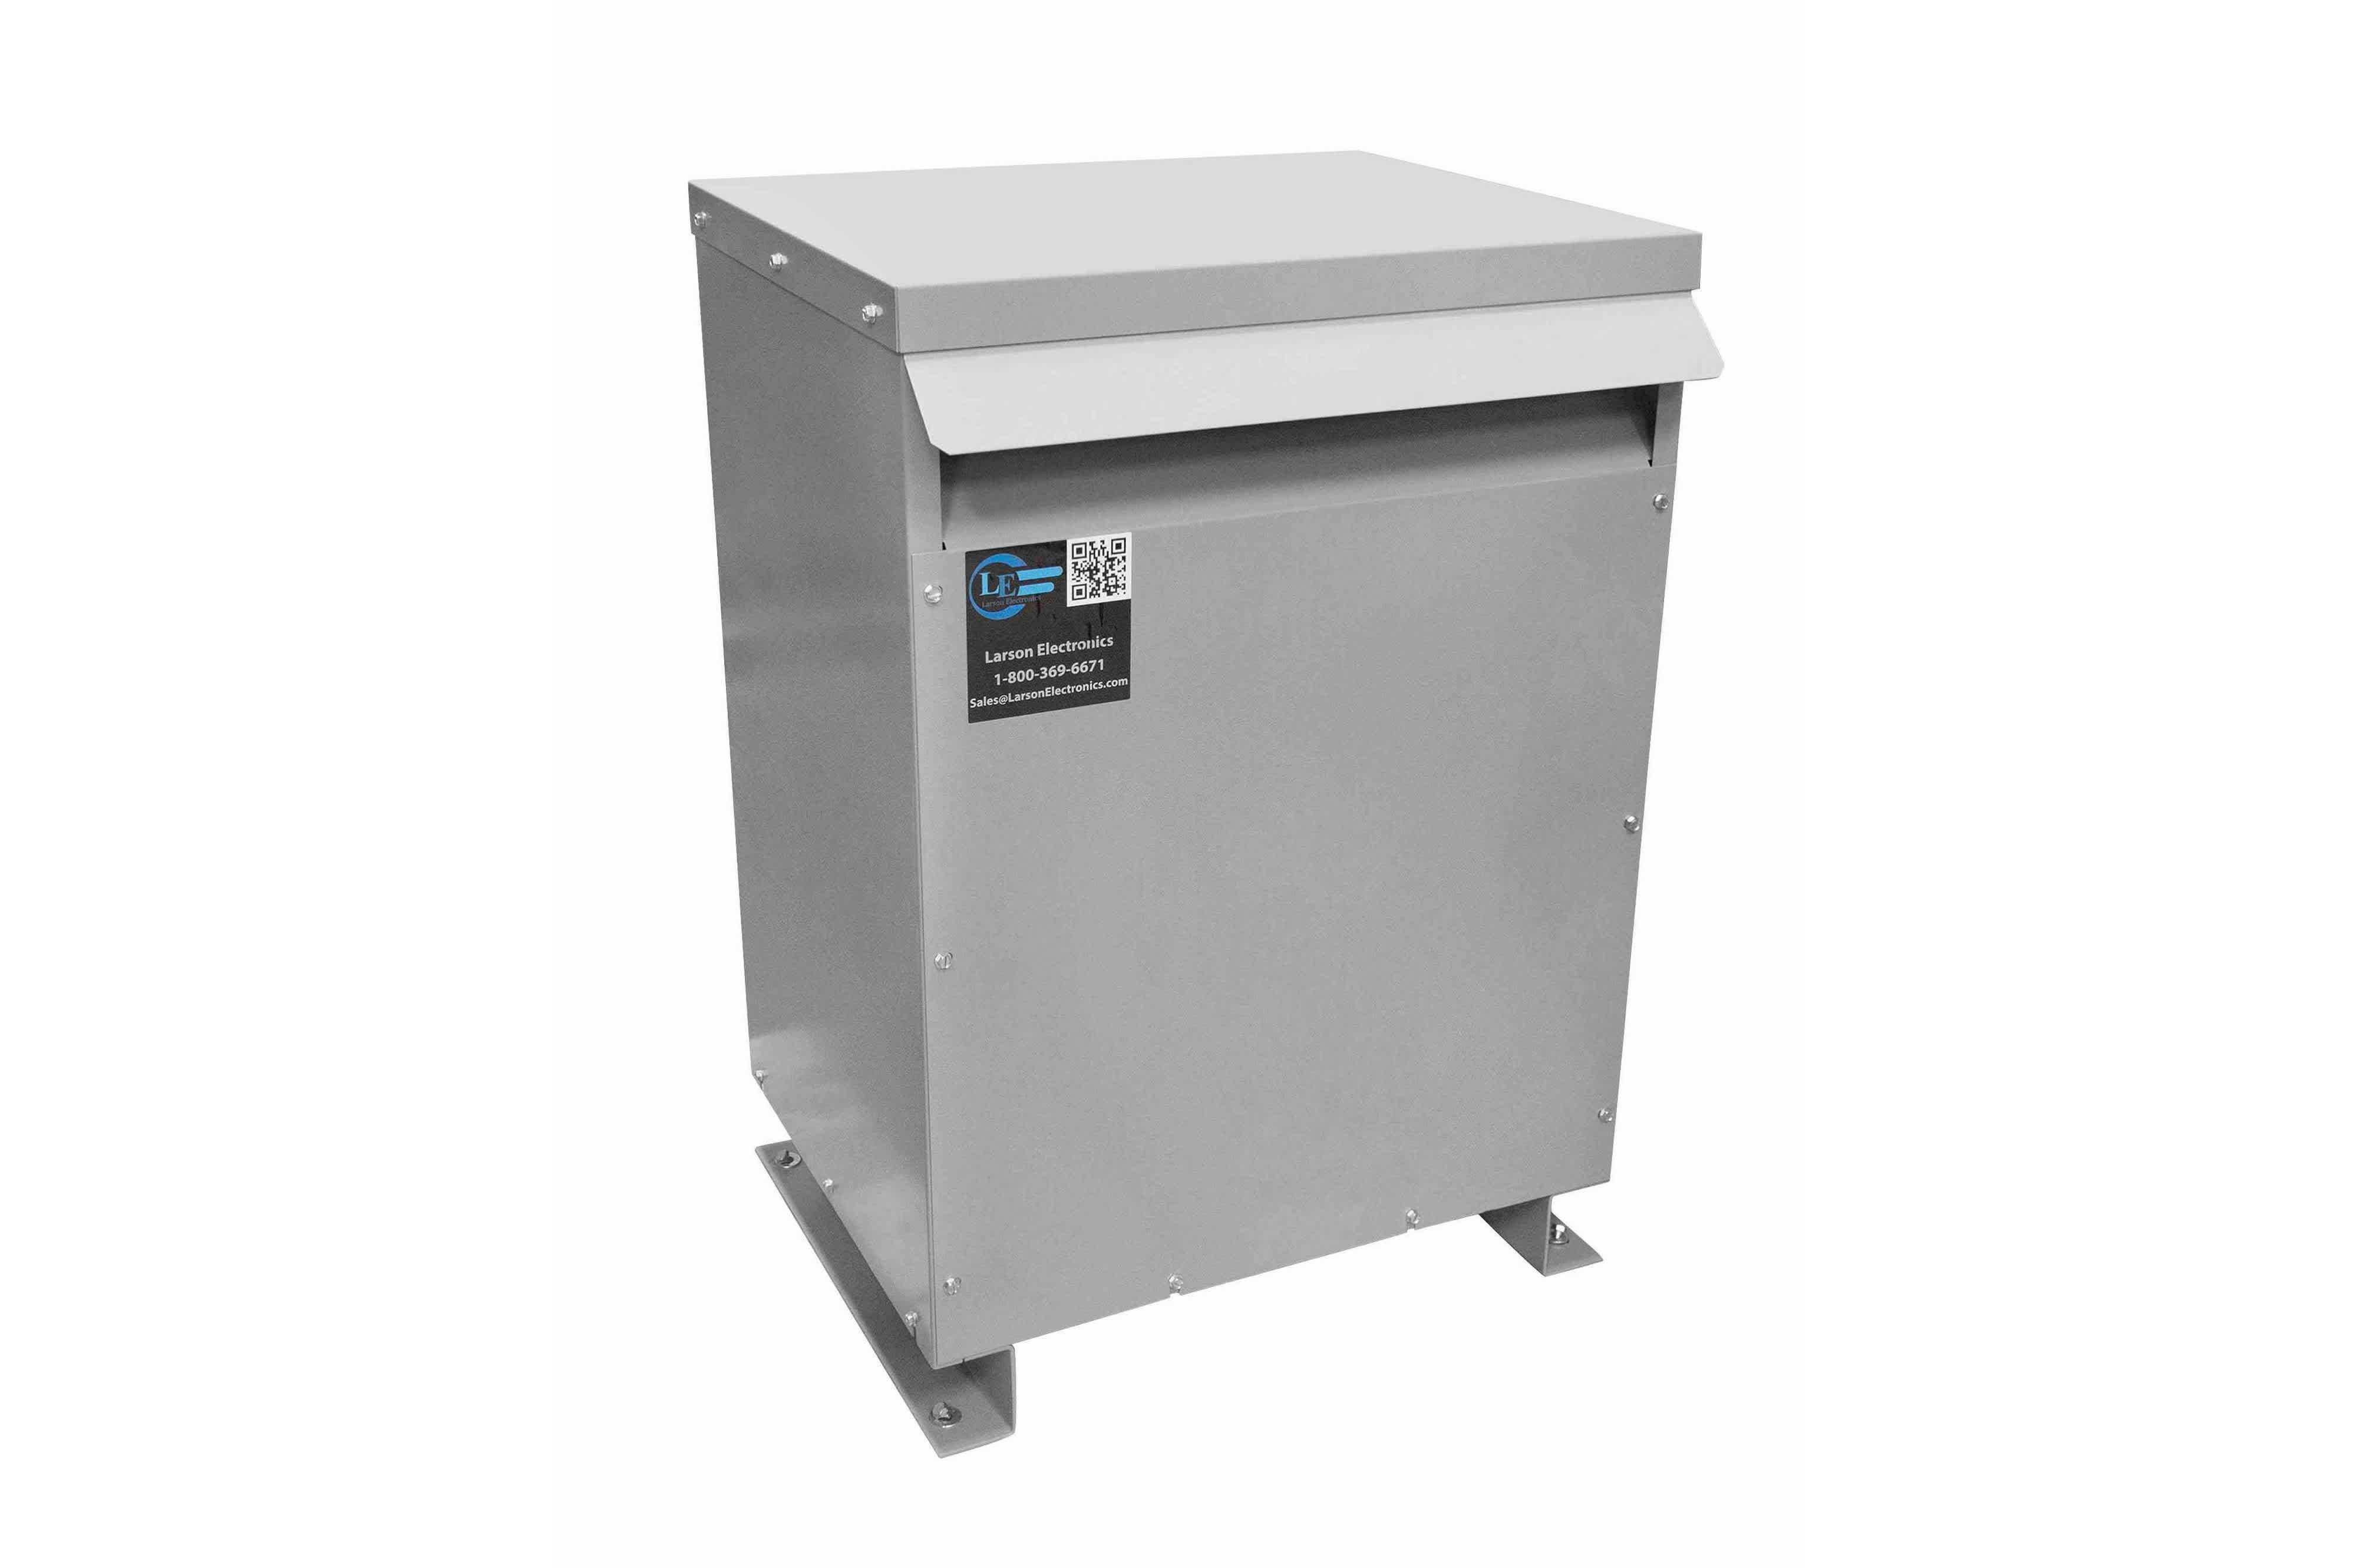 60 kVA 3PH Isolation Transformer, 240V Delta Primary, 400V Delta Secondary, N3R, Ventilated, 60 Hz